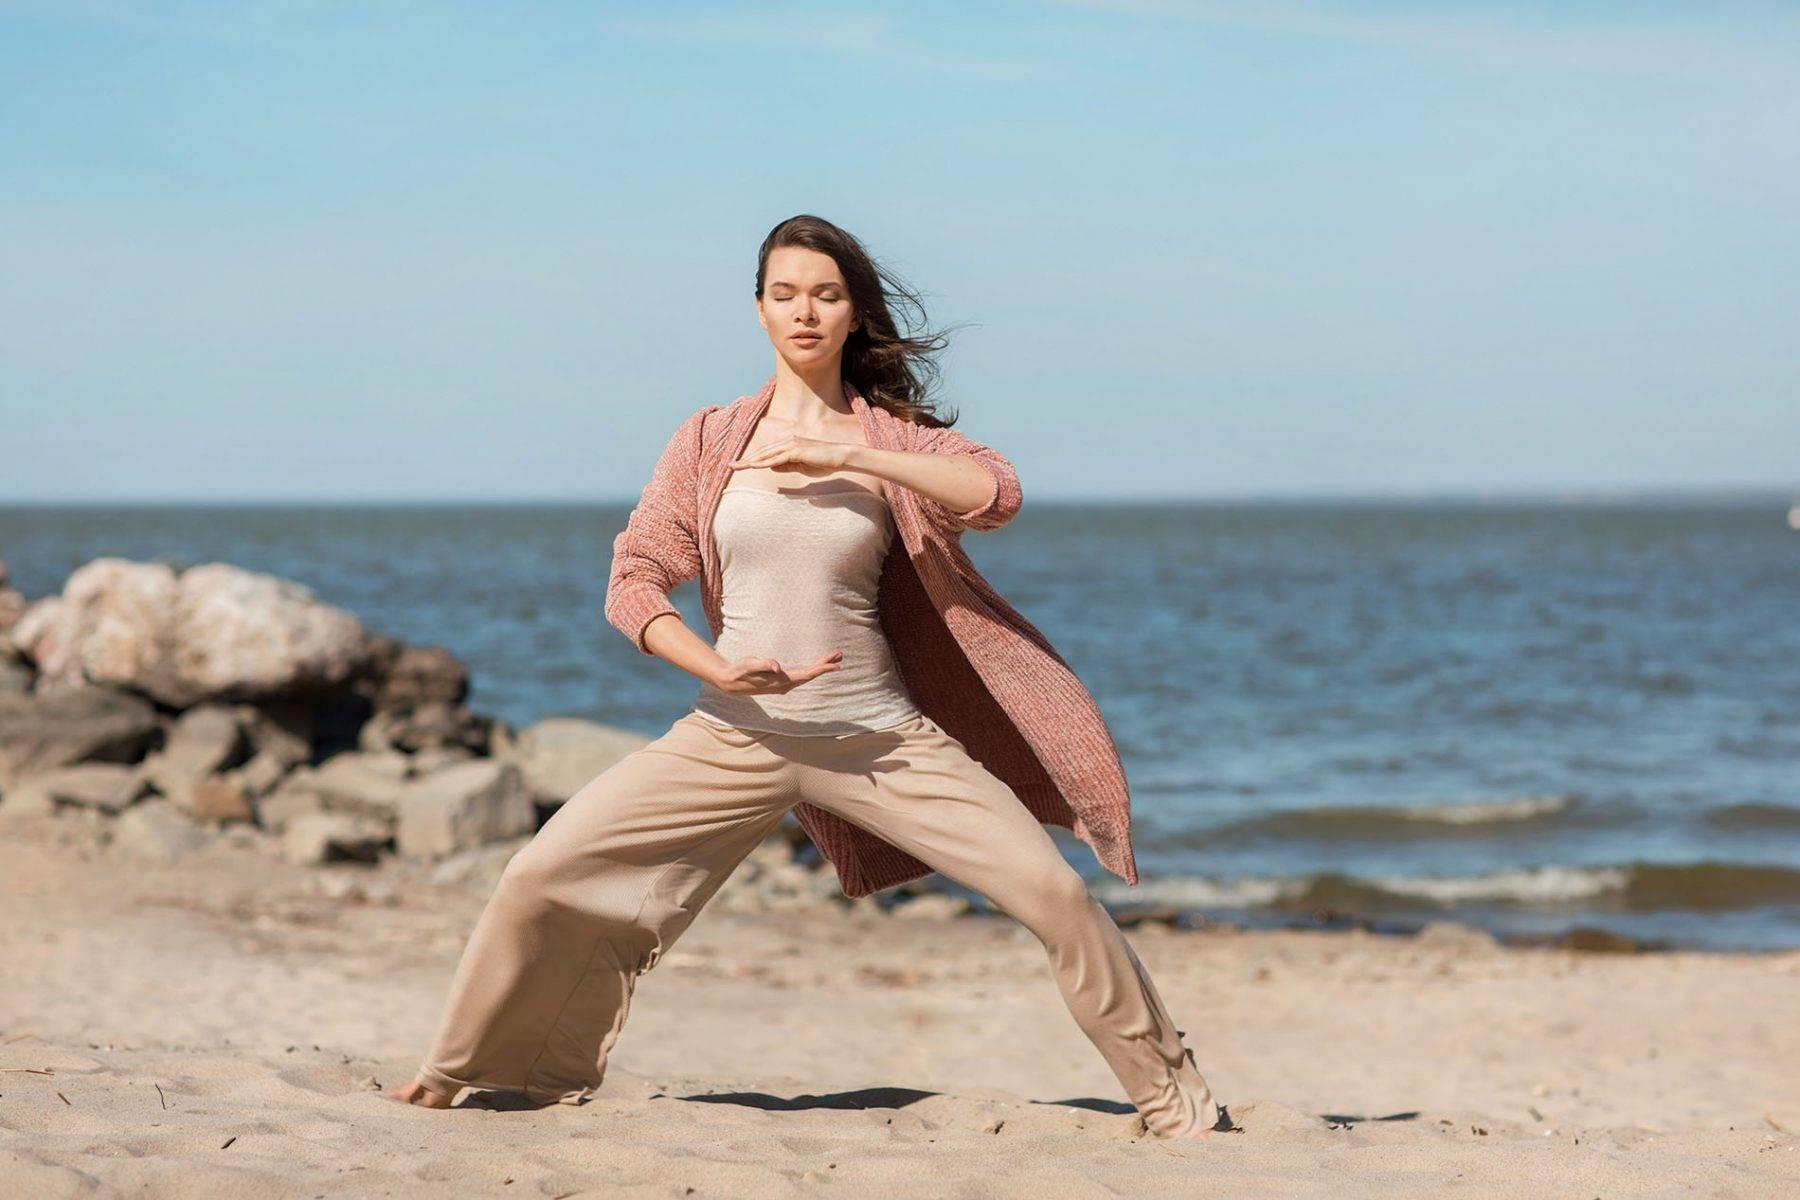 Даосская йога для женщин: упражнения для похудения